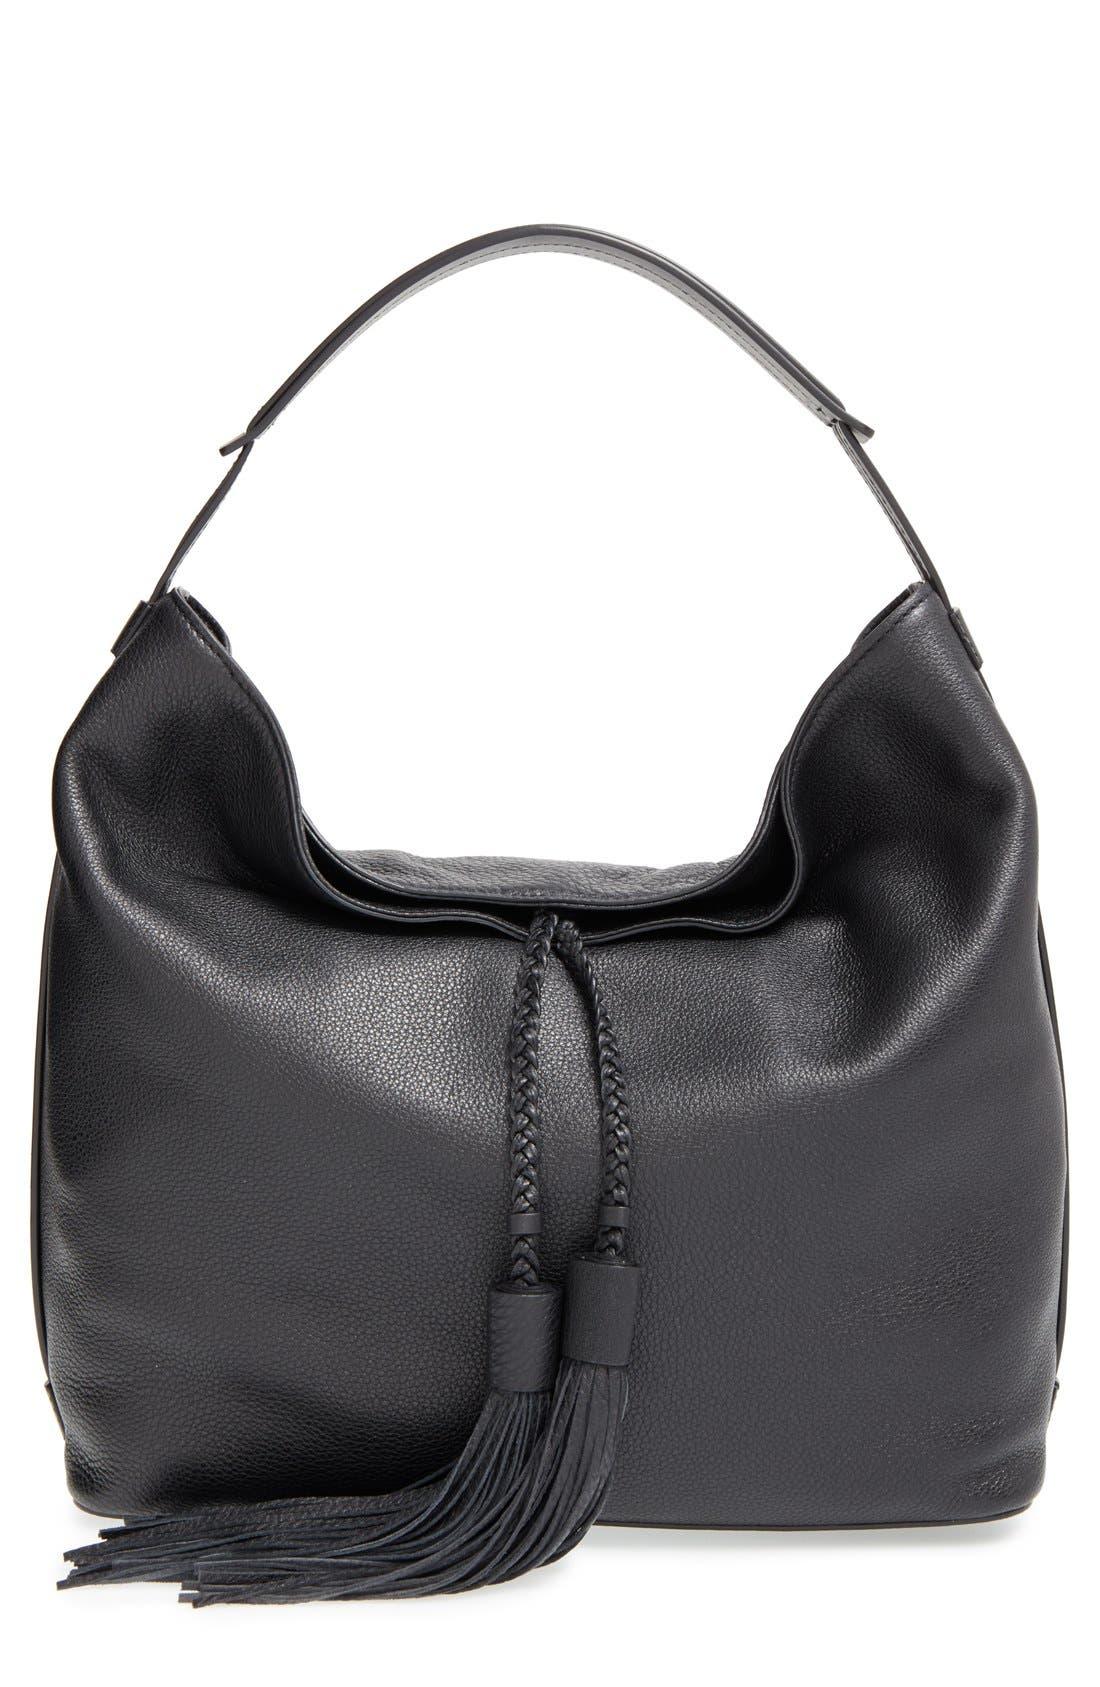 'Isobel' Tassel Leather Hobo,                         Main,                         color, Black/ Light Gold Hrdwr